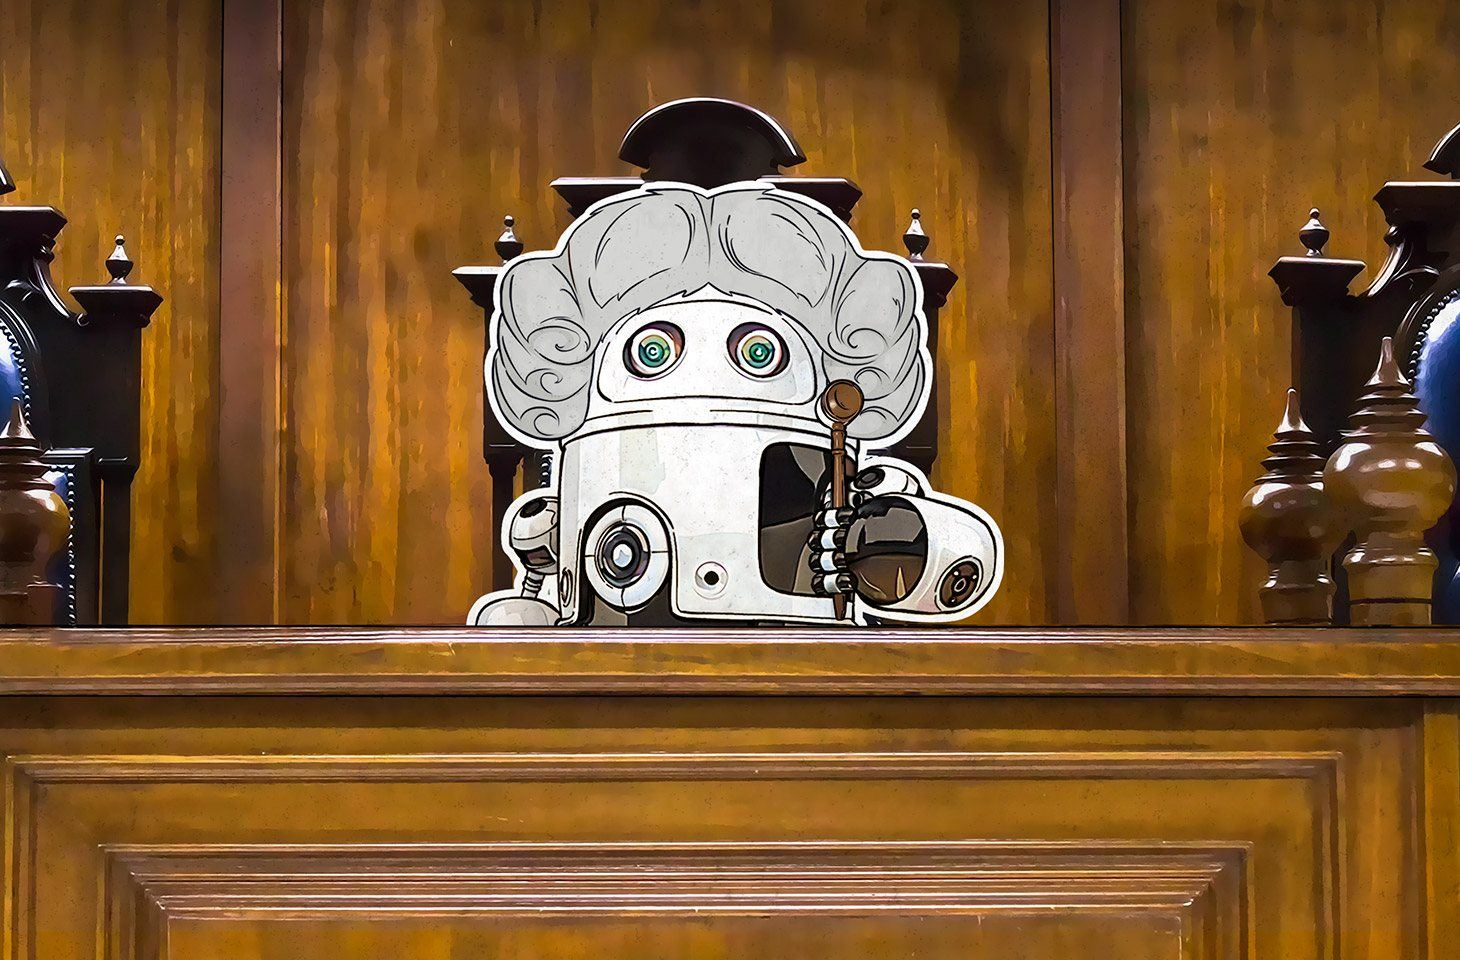 L'intelligence artificielle aide les juges, les officiers de police, ou encore les médecins. Qu'est-ce qui motive son utilisation dans ce processus de prise de décision?